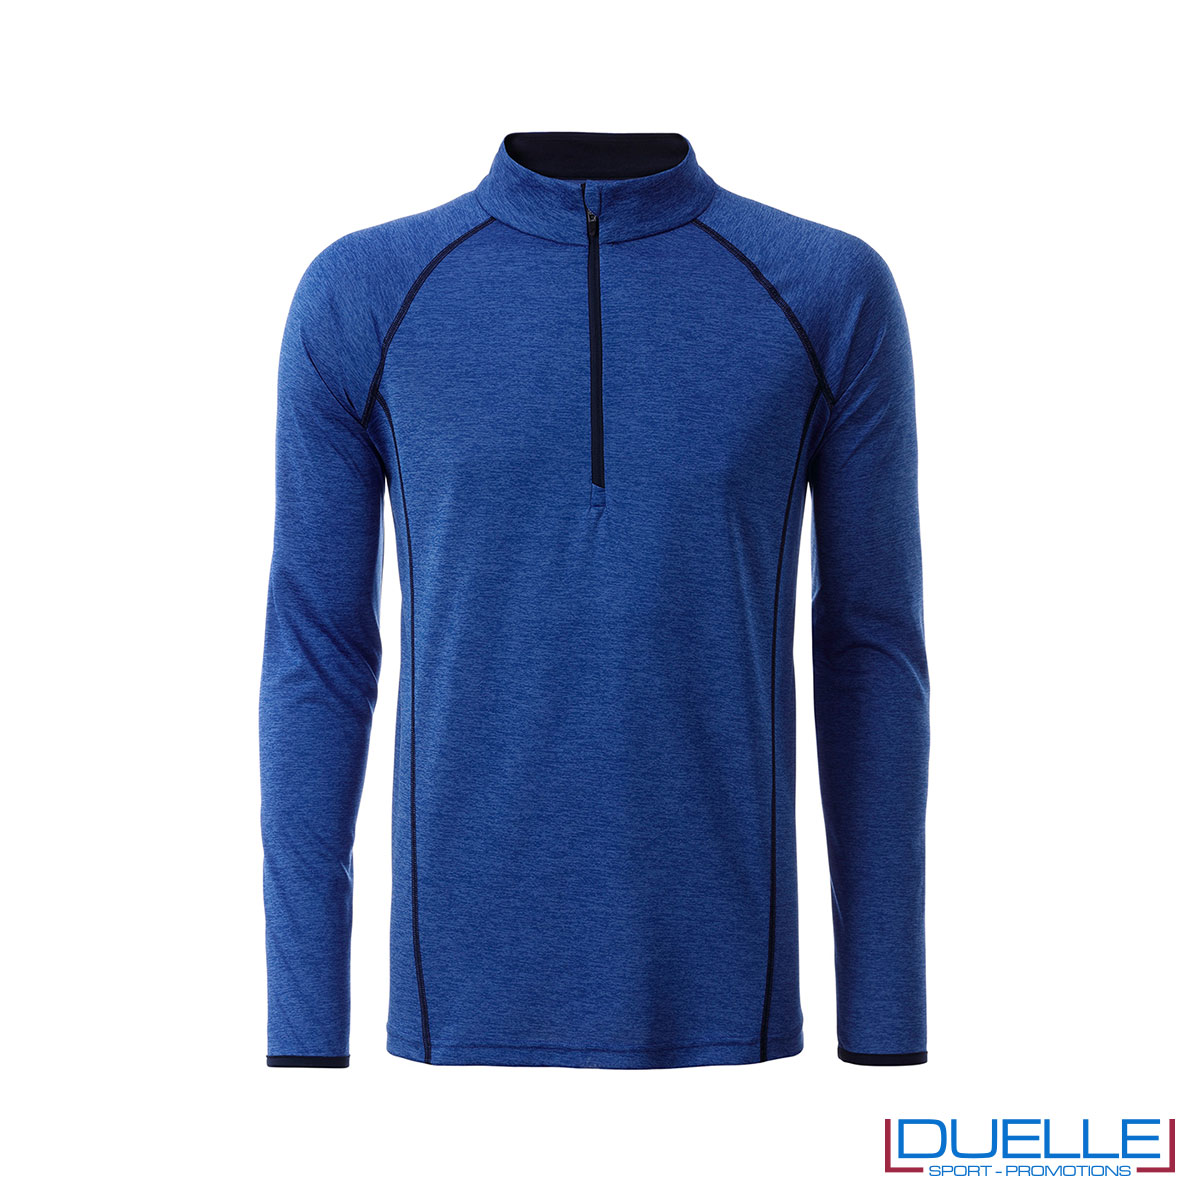 T-shirt manica lunga con zip colore blu melange personalizzata